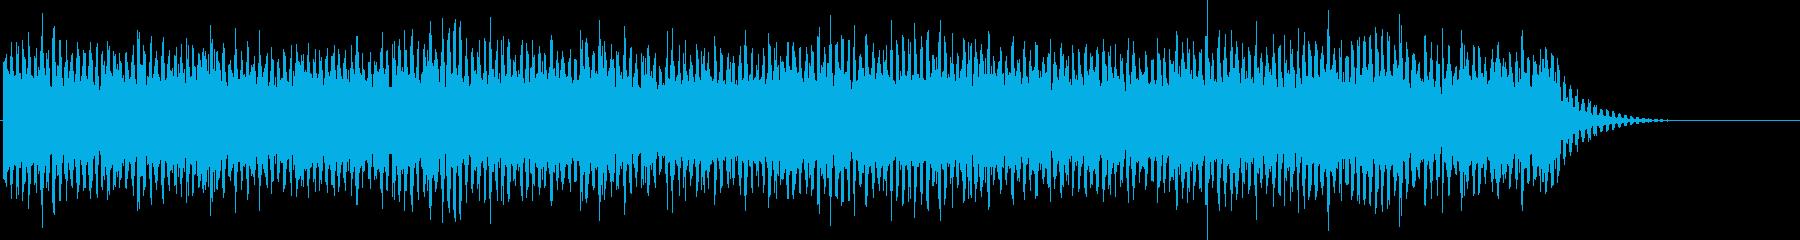 ニュース読みBGM/ダイジェストニュースの再生済みの波形